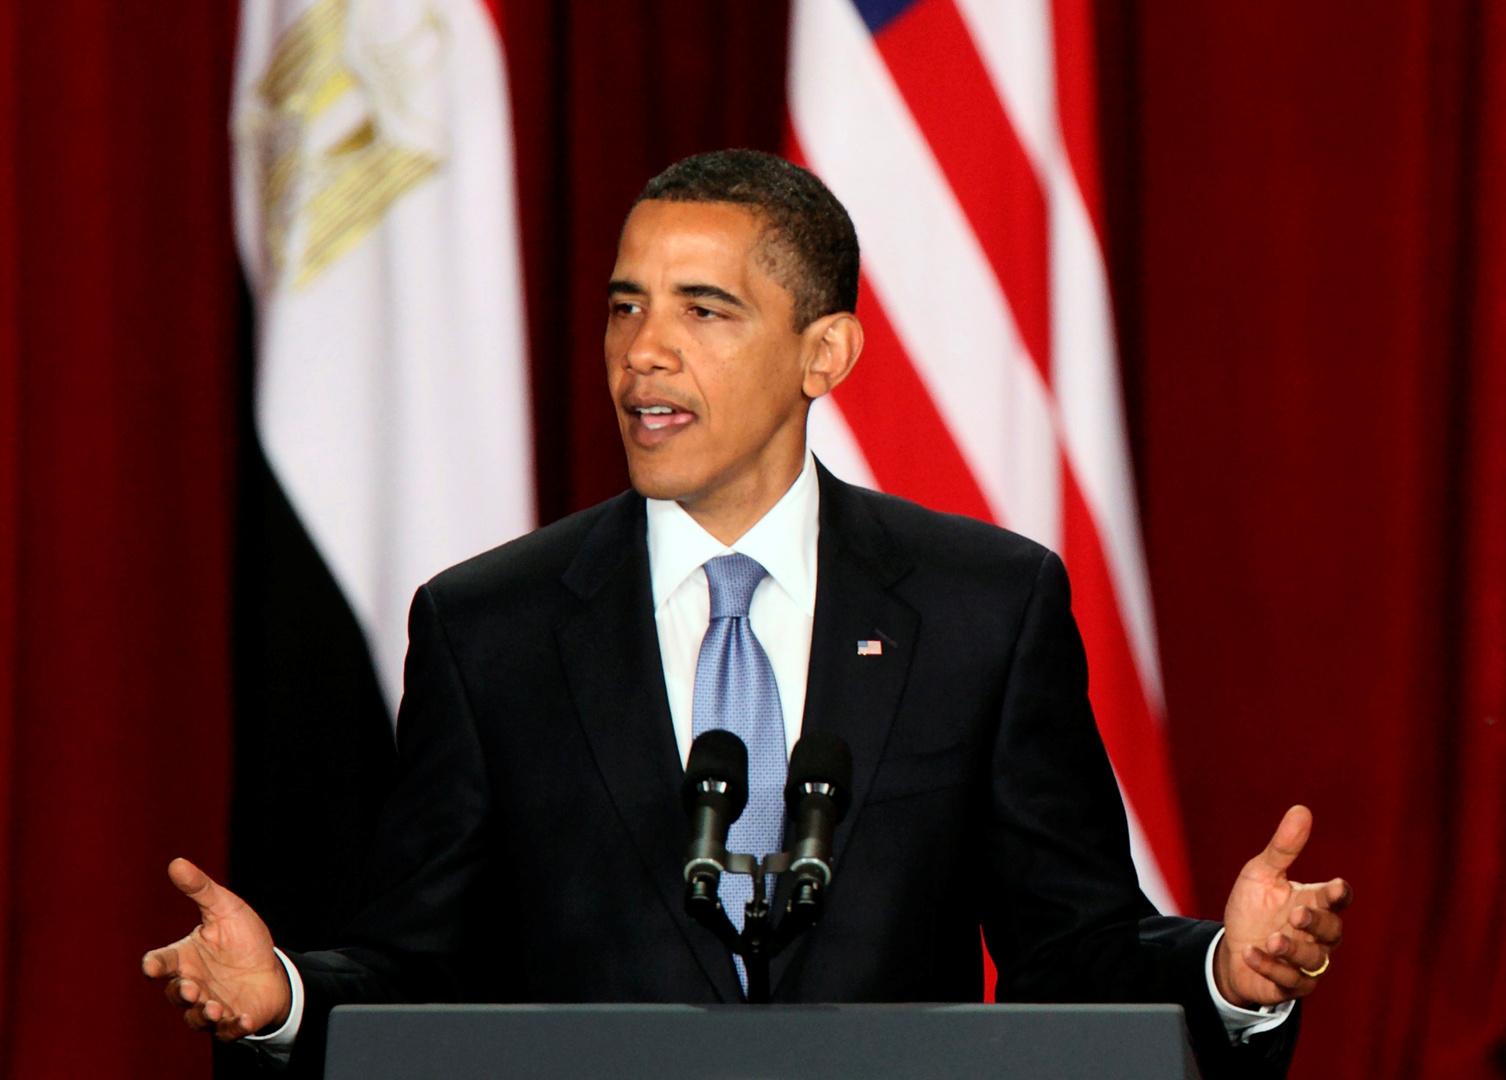 باراك أوباما يلقي خطابا في جامعة القاهرة - 4 يونيو 2009